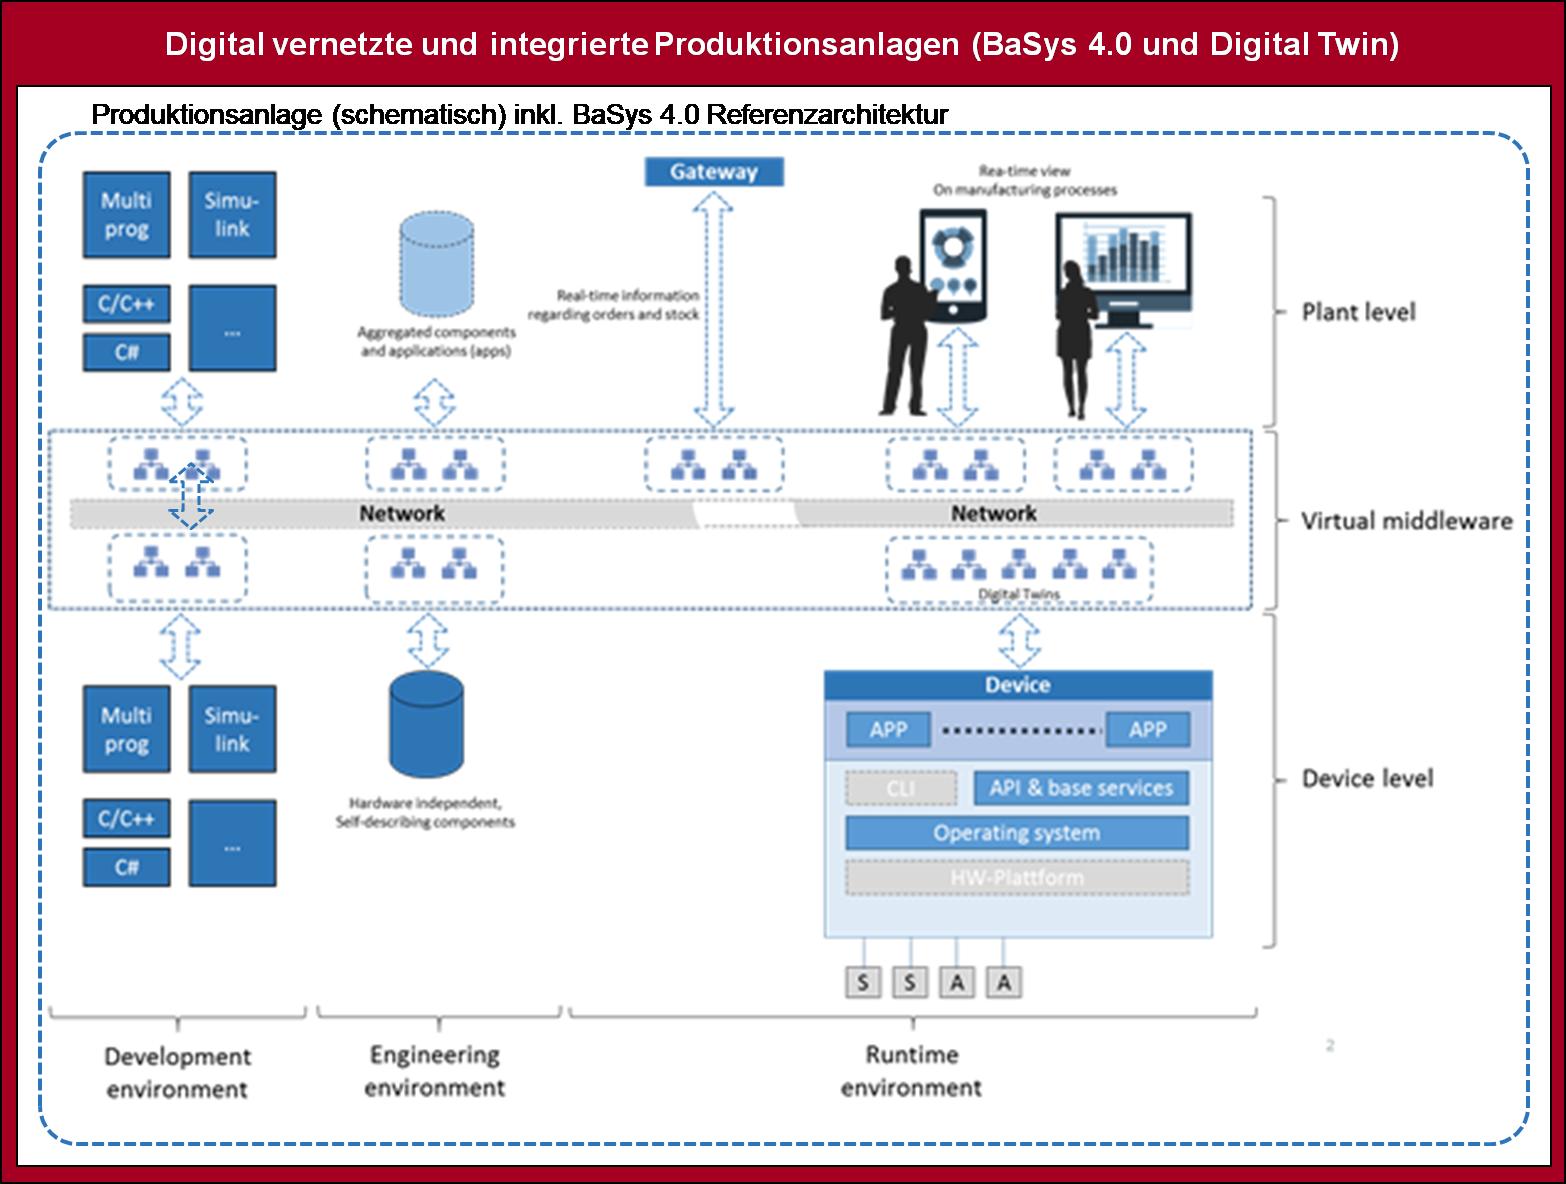 Fraunhofer IESE - Industrie 4.0 -  Schematische Produktionsanlage (Shopfloor) inklusive BaSys 4.0 Referenzarchitektur.